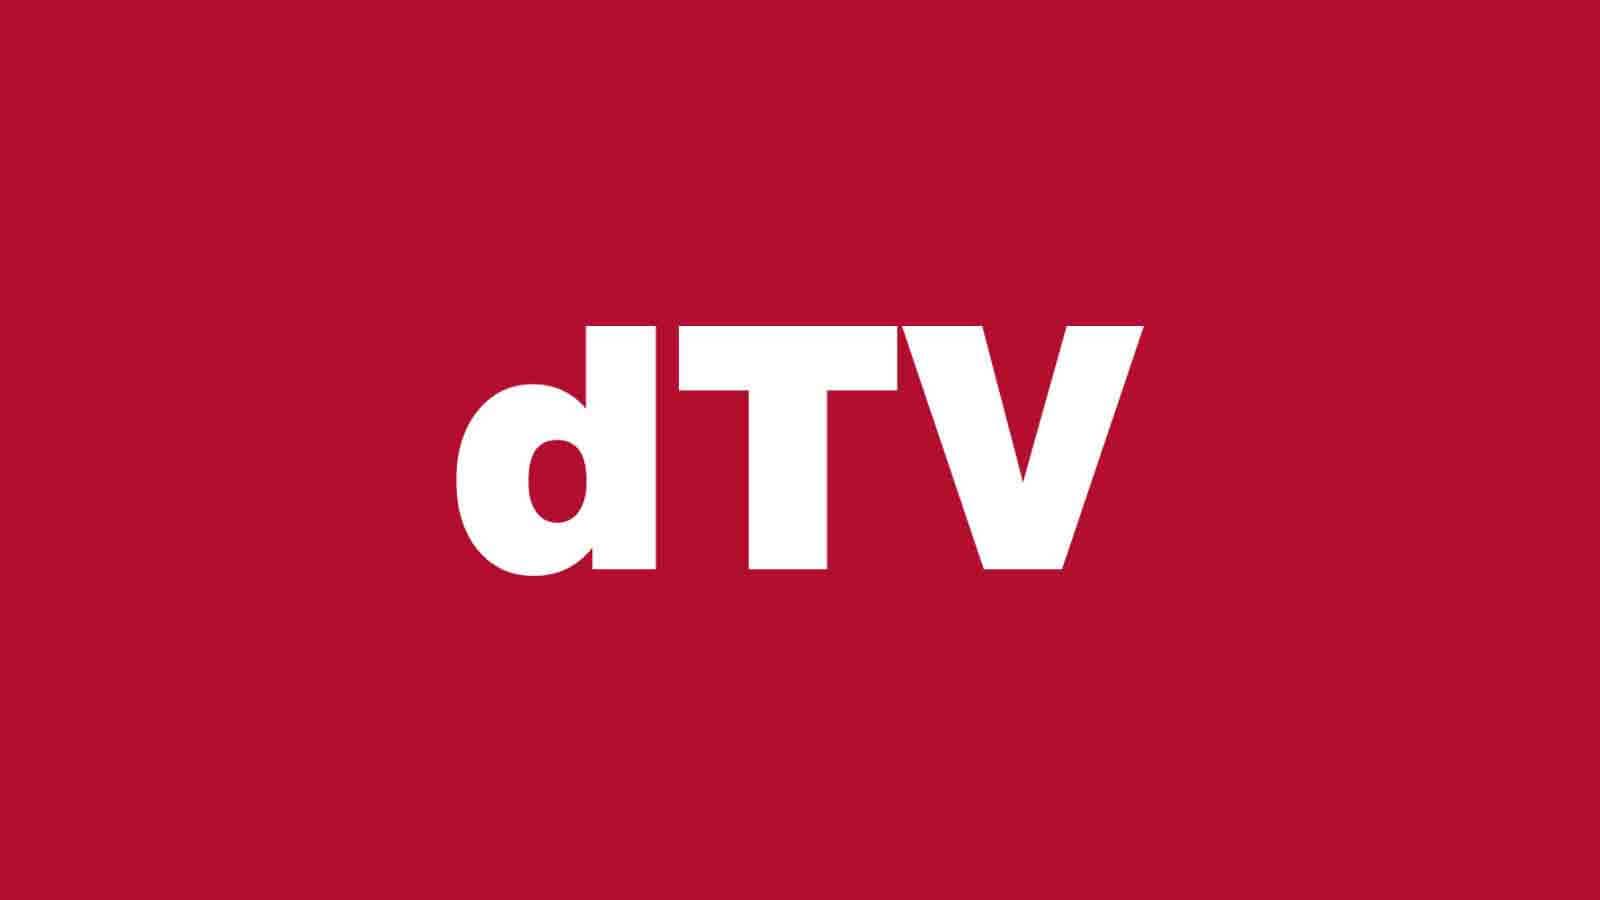 dTVのアイコンをイメージした画像